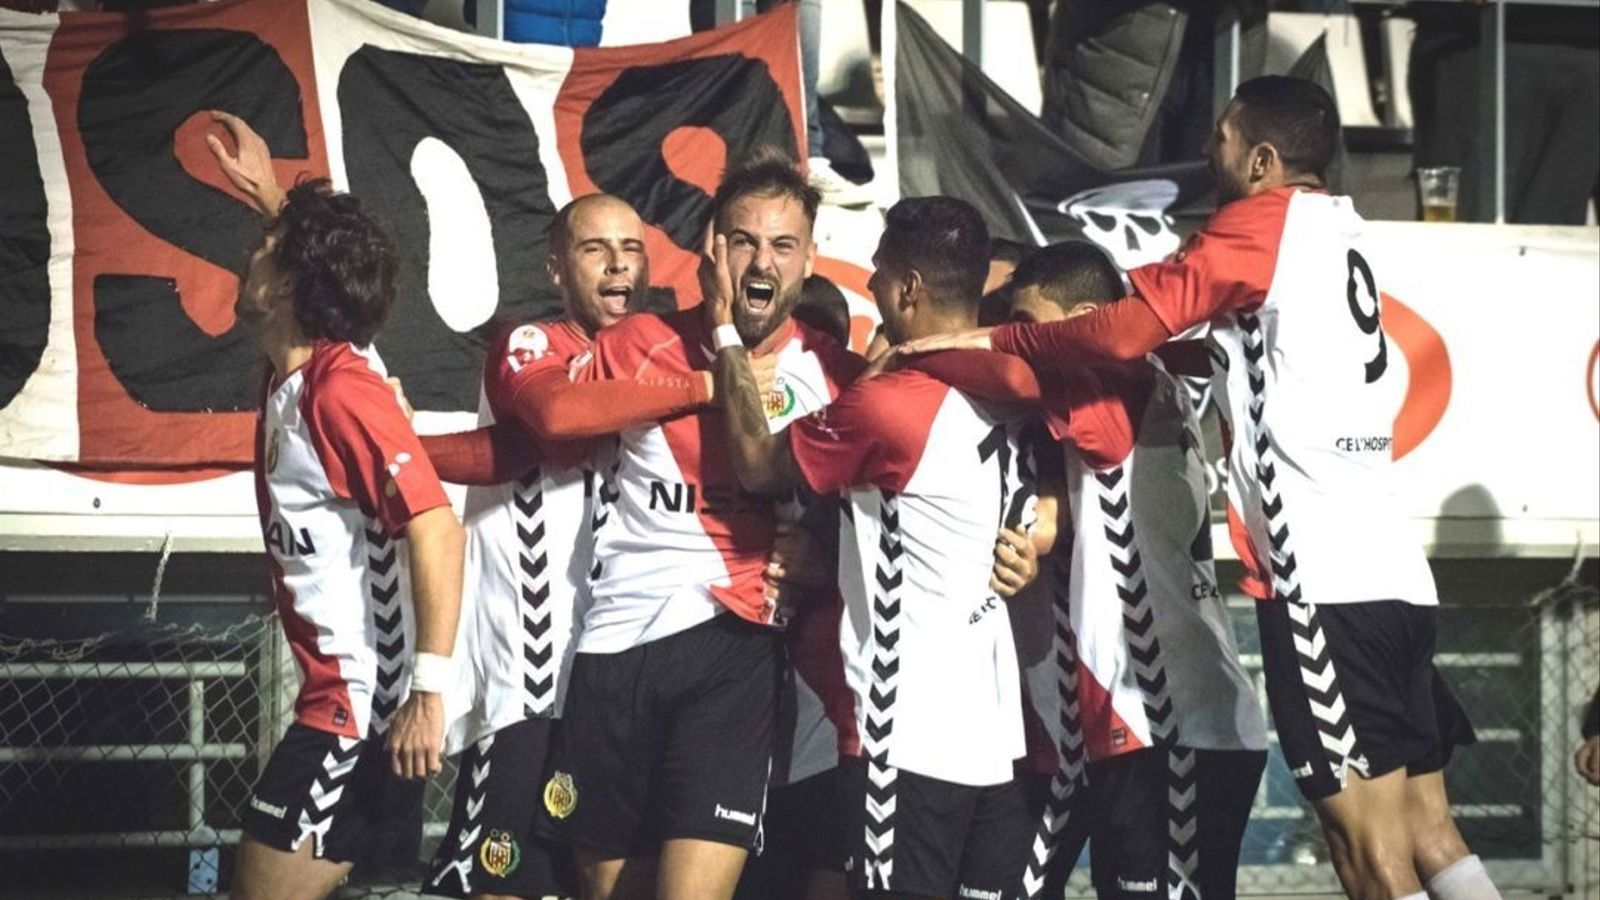 Els jugadors de L'Hospitalet, celebrant un gol en una imatge d'arxiu